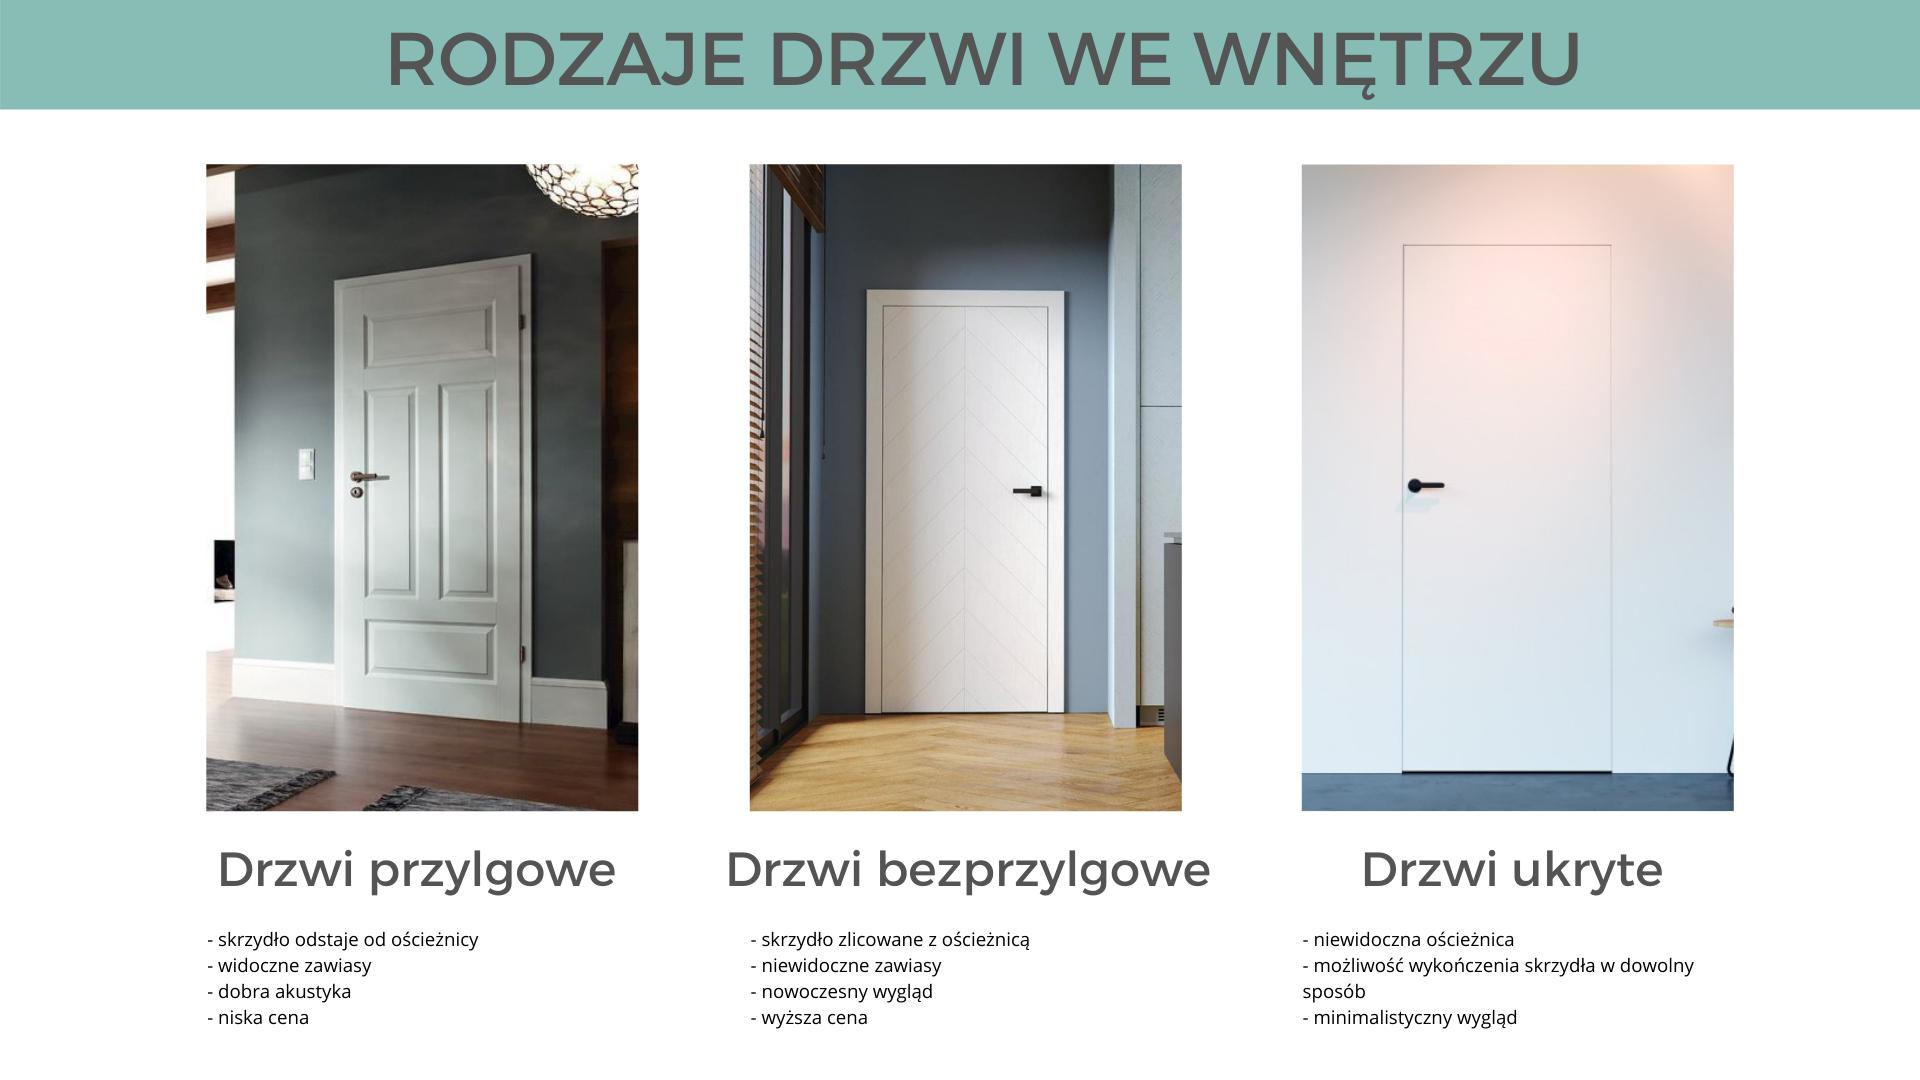 rodzaje drzwi w mieszkaniu